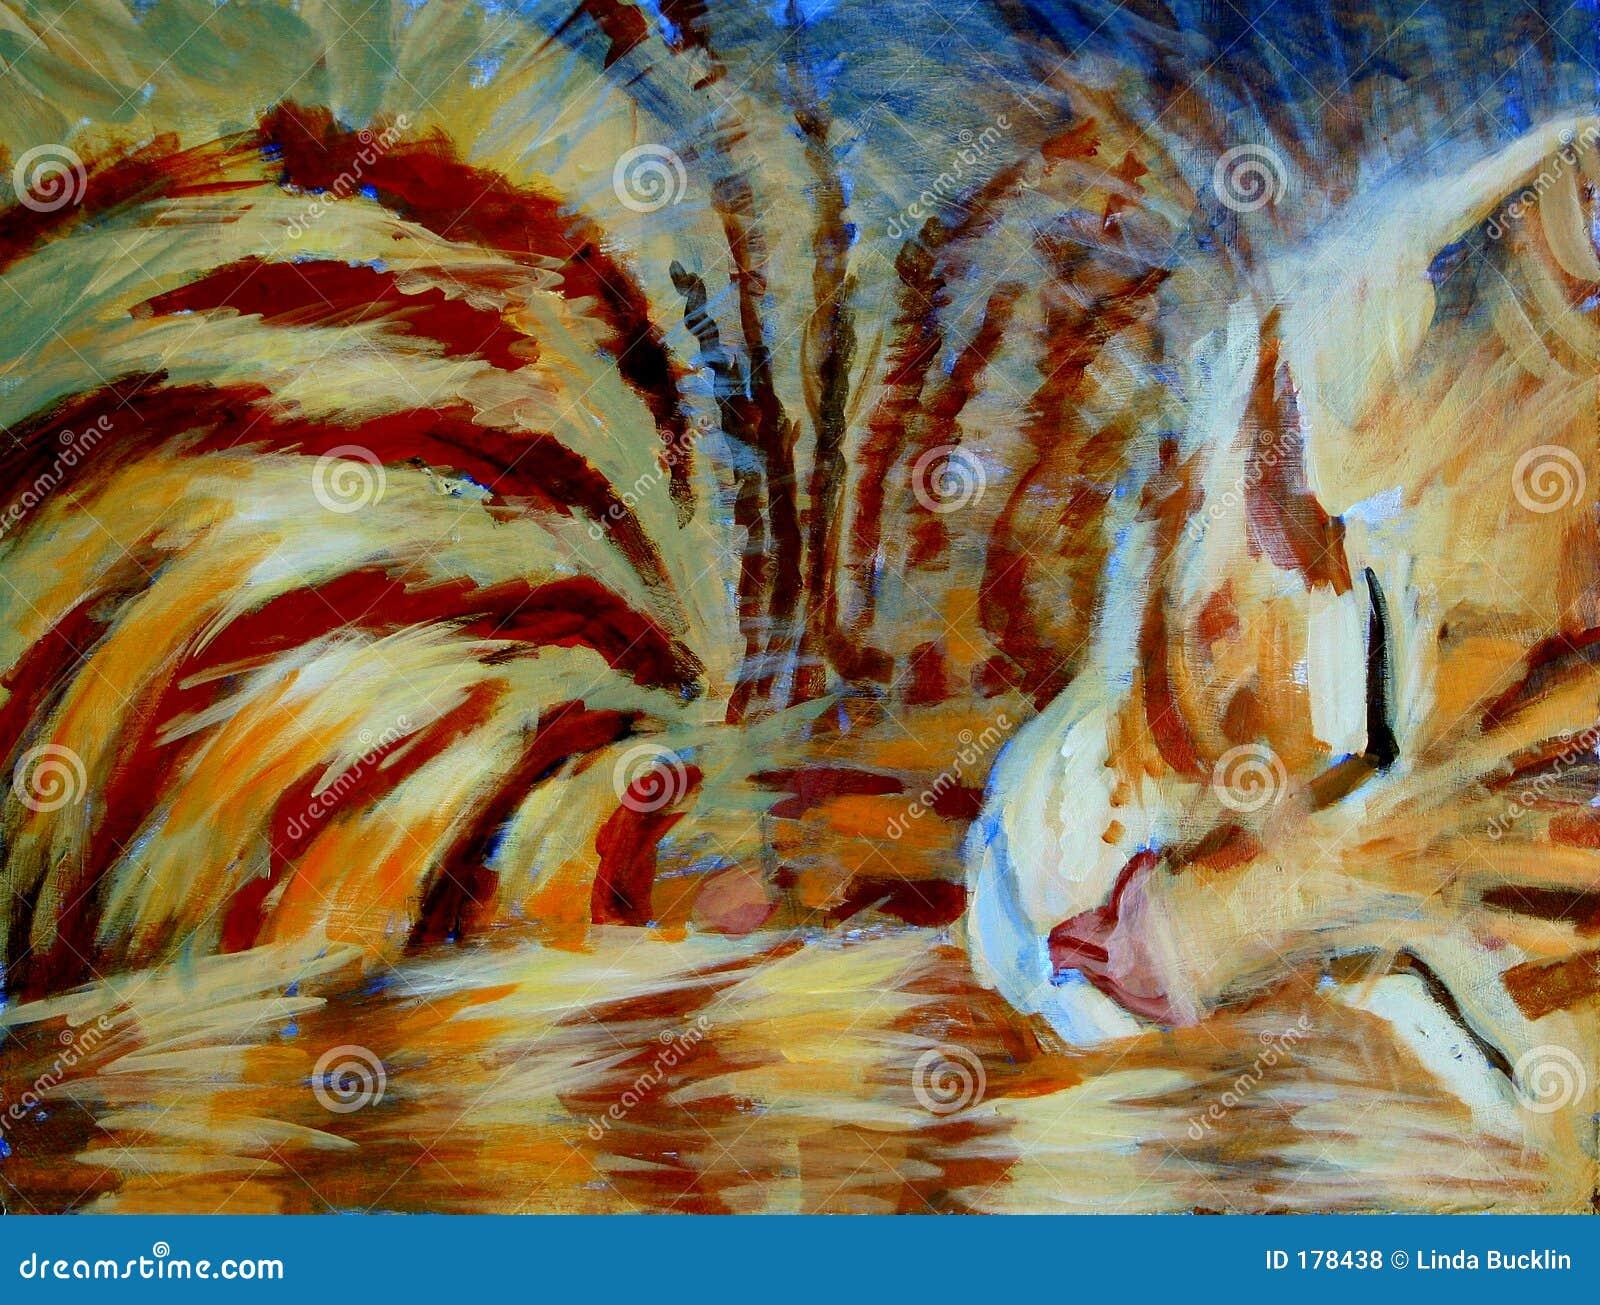 chaton orange dormant peinture acrylique photos libres de droits image 178438. Black Bedroom Furniture Sets. Home Design Ideas